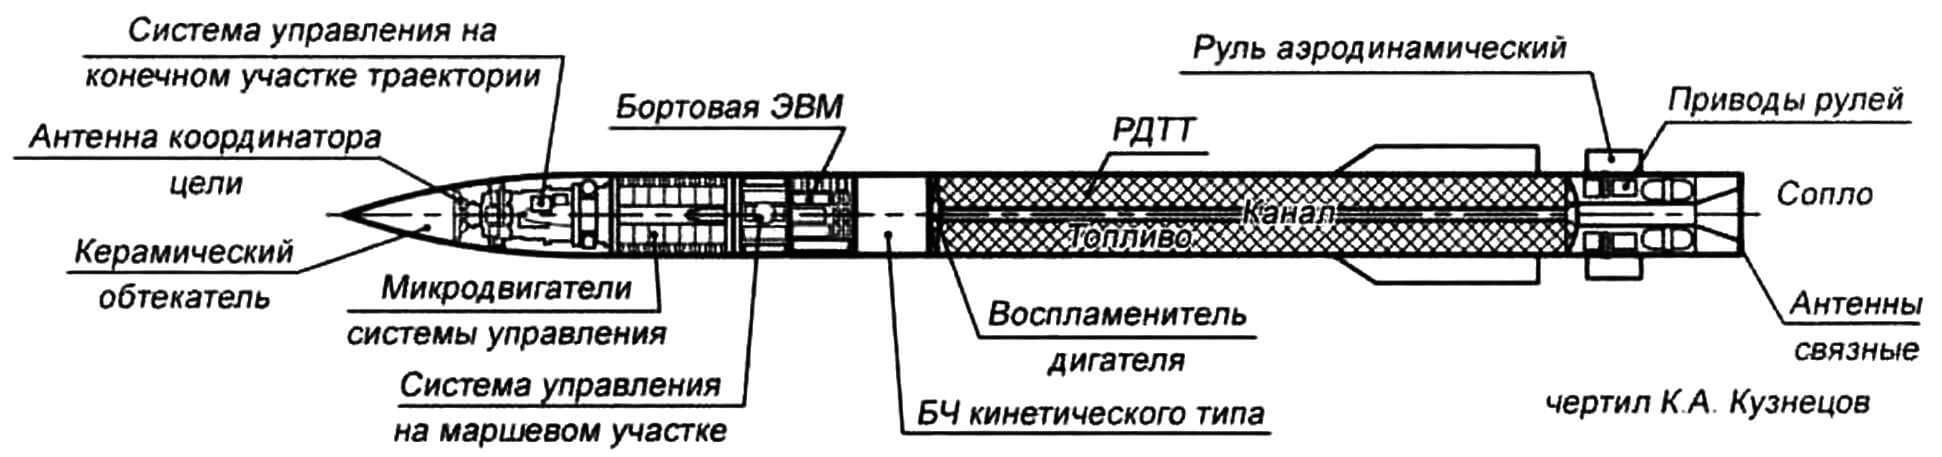 Компоновка ракеты РАС-3 (MIM-104F)